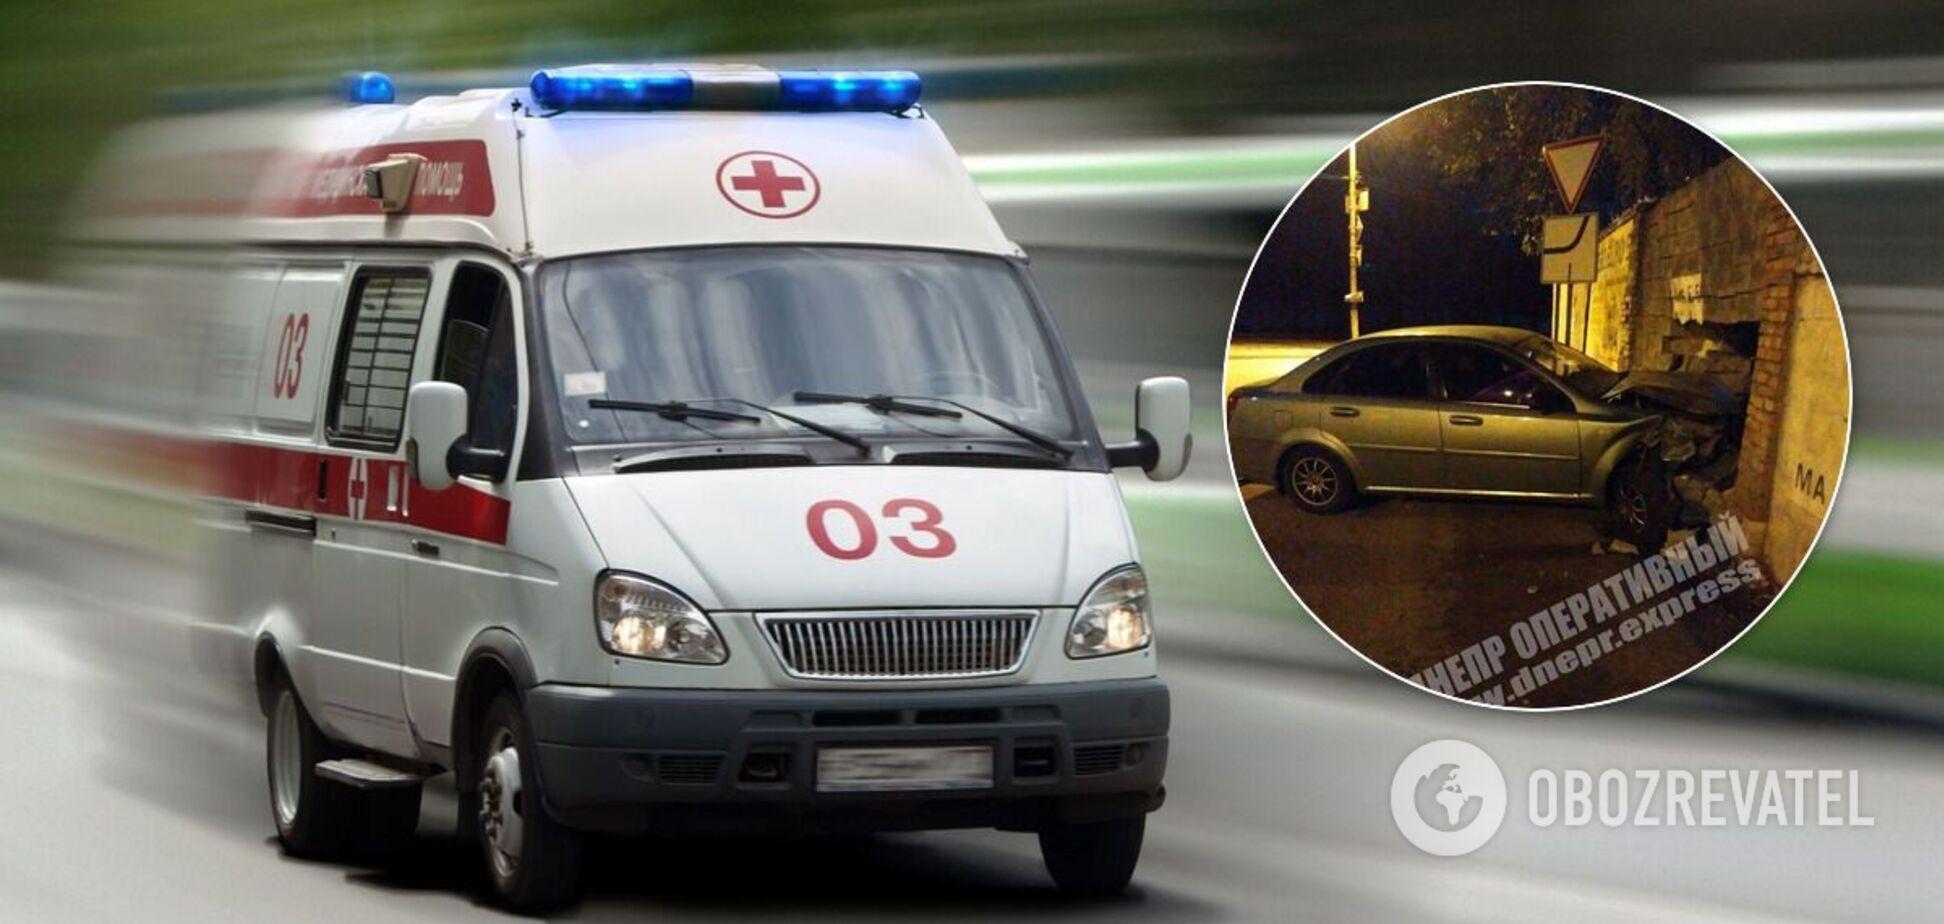 В Днепре подросток на скорости разбил авто об пункт металлолома